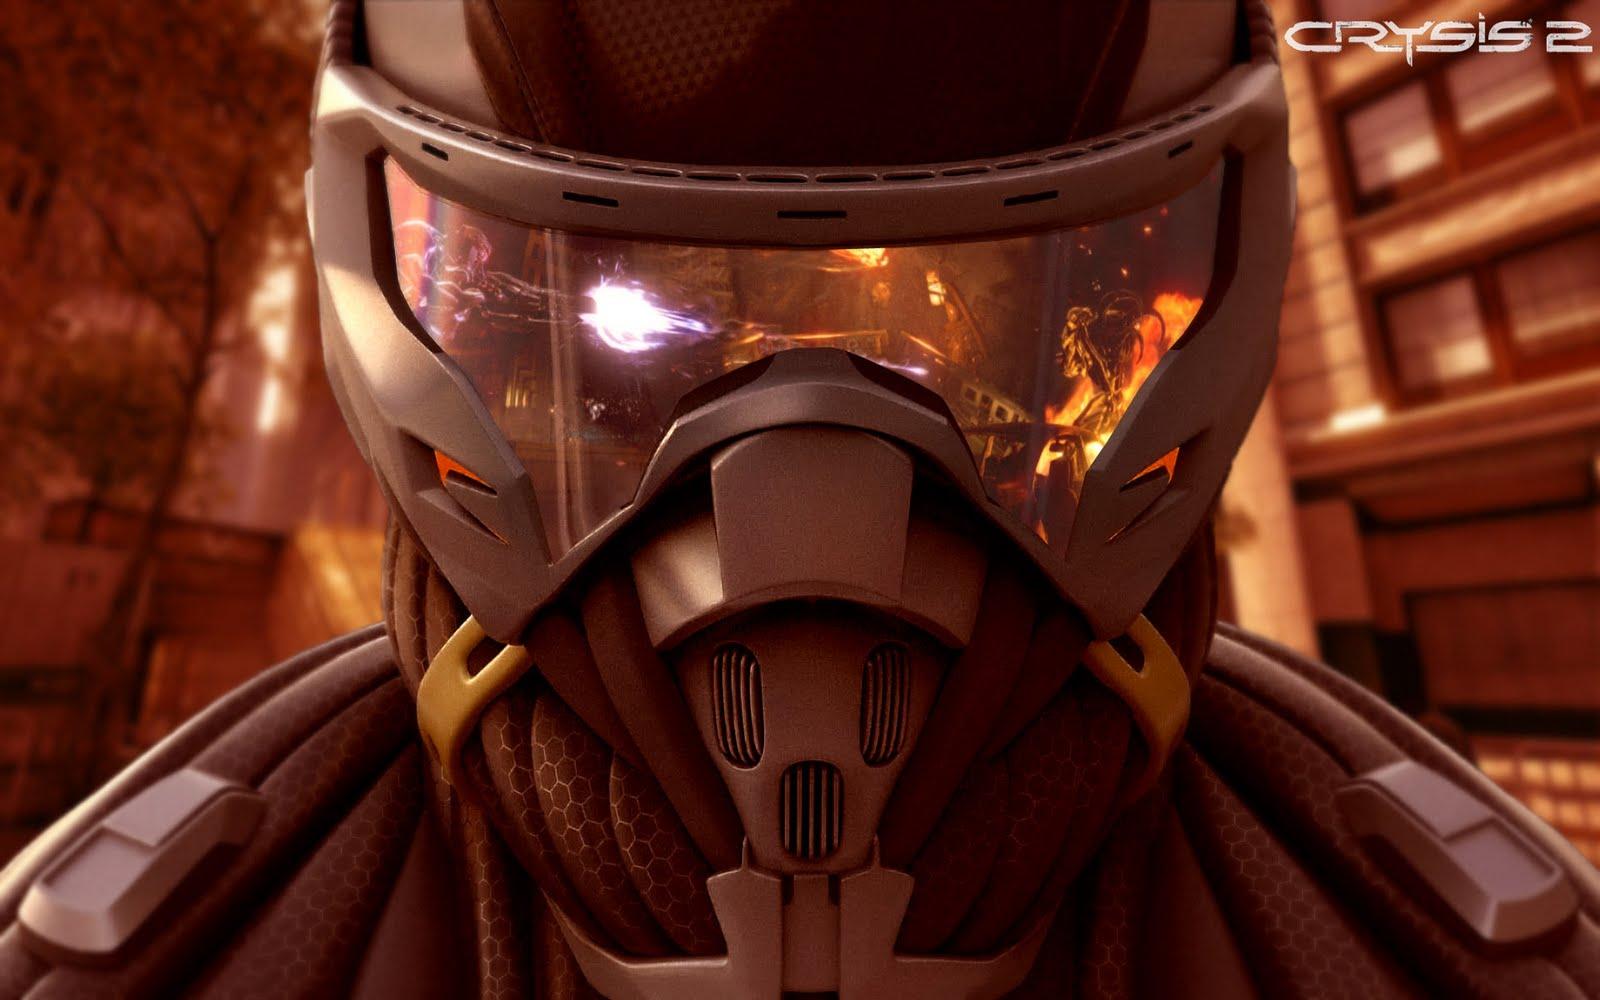 http://1.bp.blogspot.com/-tkScBMlfGqo/Tbc2ml4RjfI/AAAAAAAAAY8/oPPQG7nPgC4/s1600/Crysis-2-Helm-Reflection-Widescreen-Wallpaper.jpg